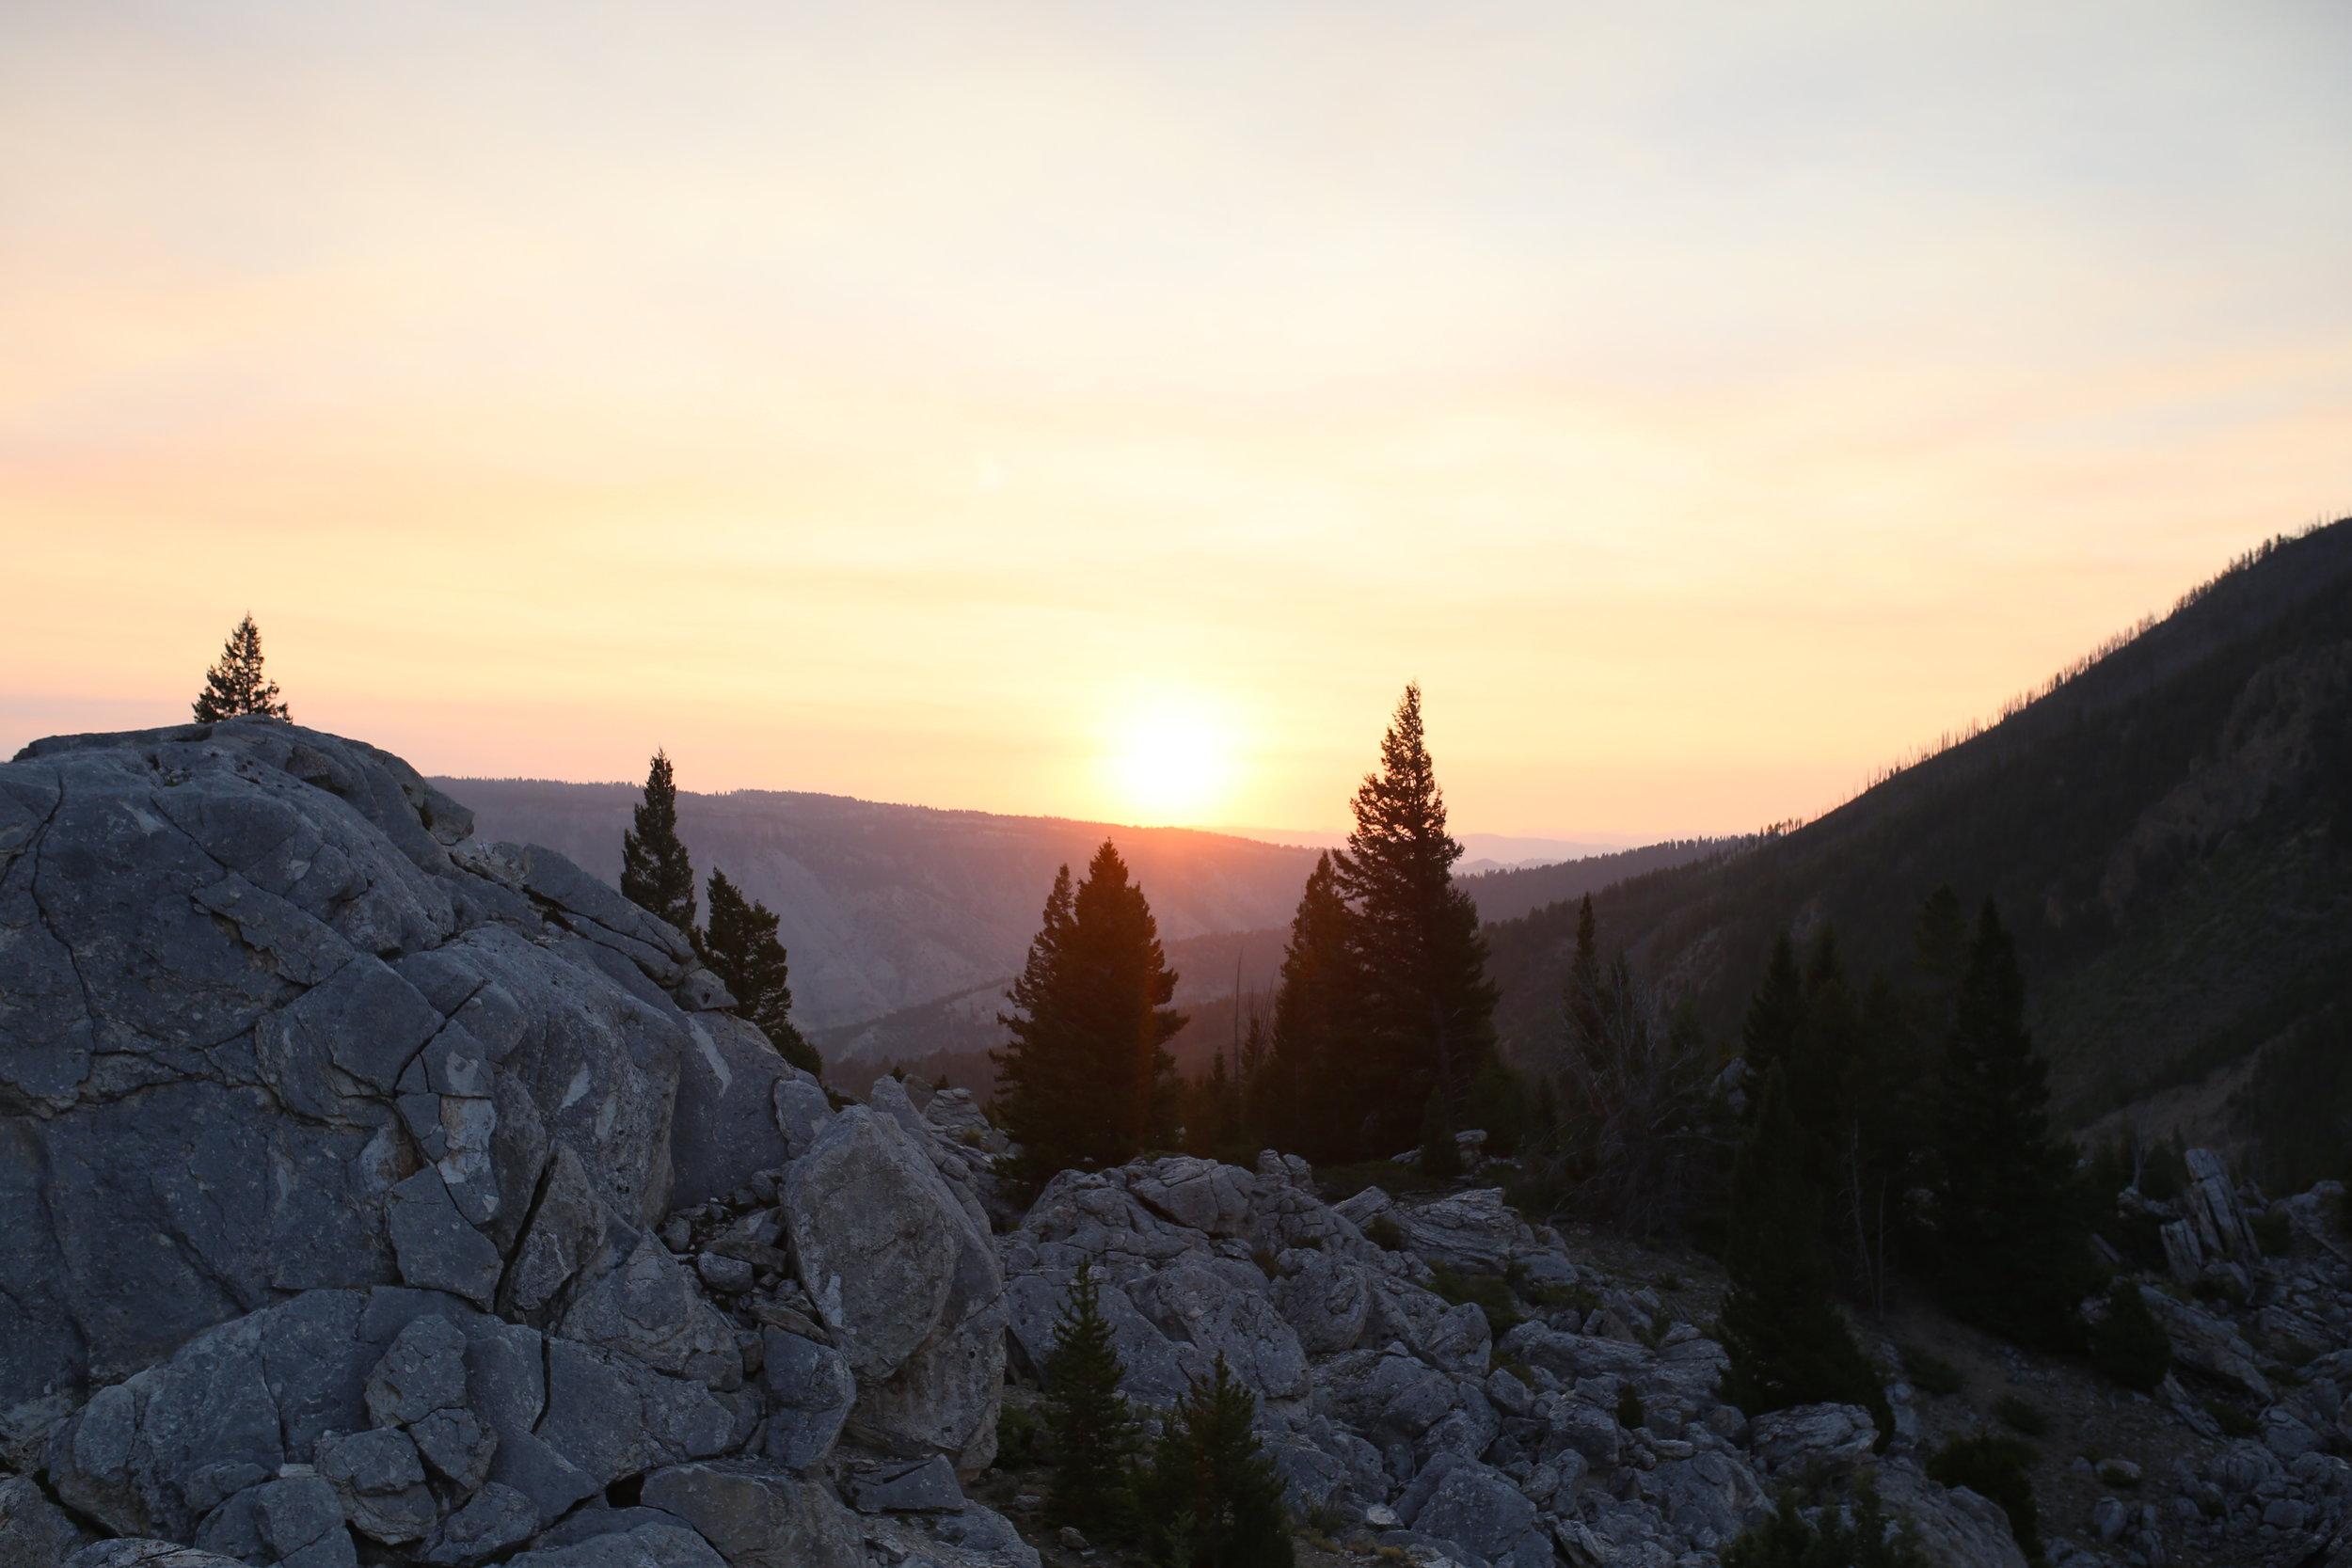 sunrise yellowstone national park